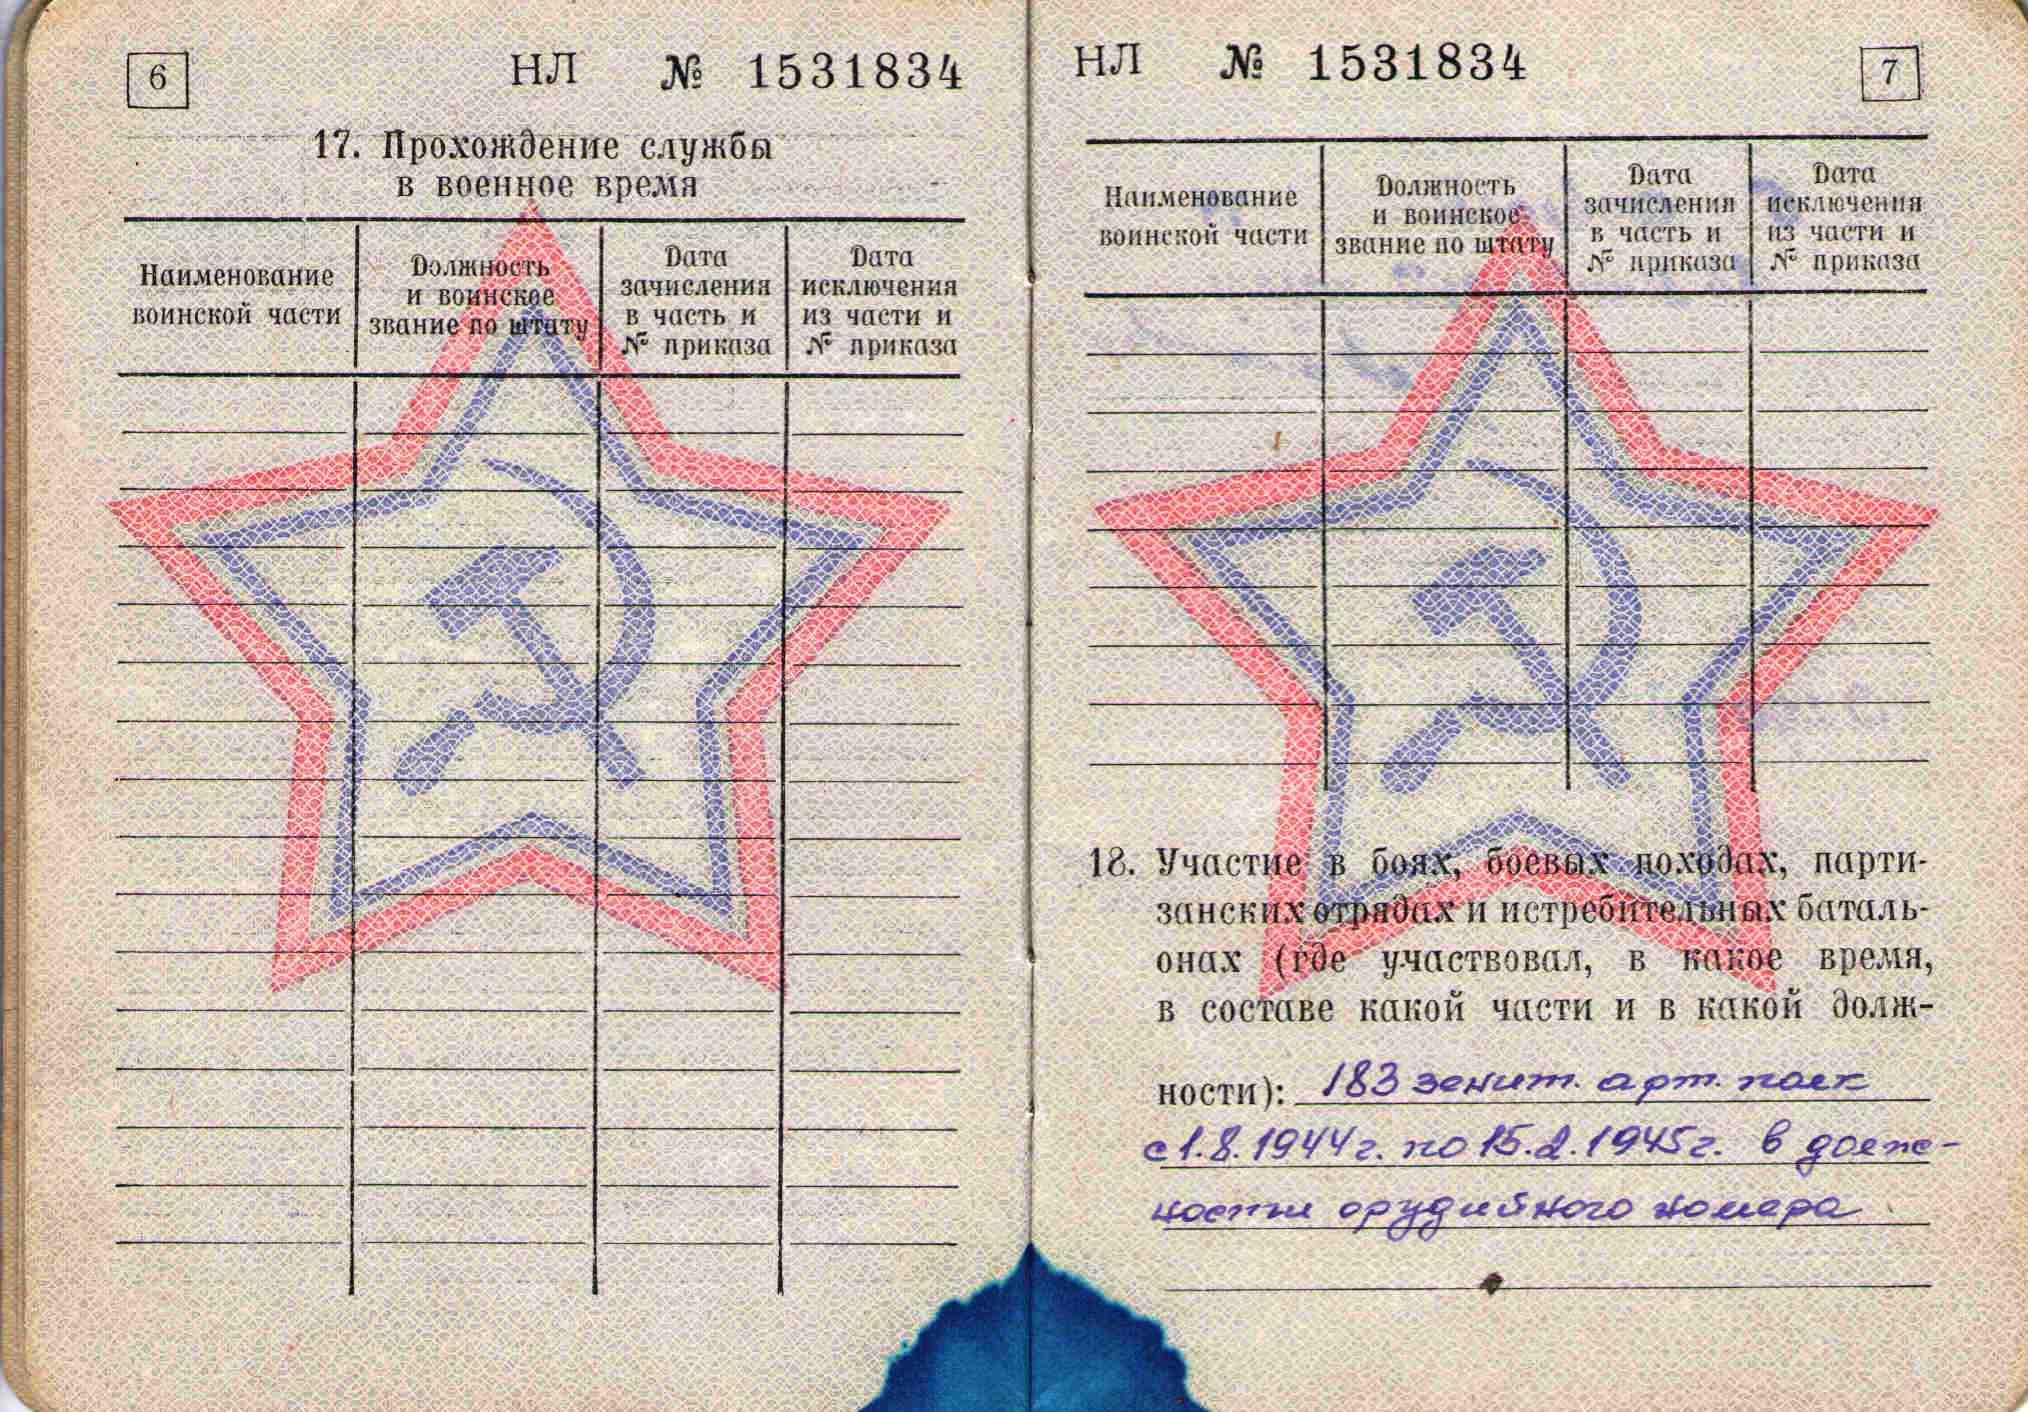 31. Военный билет, 1964